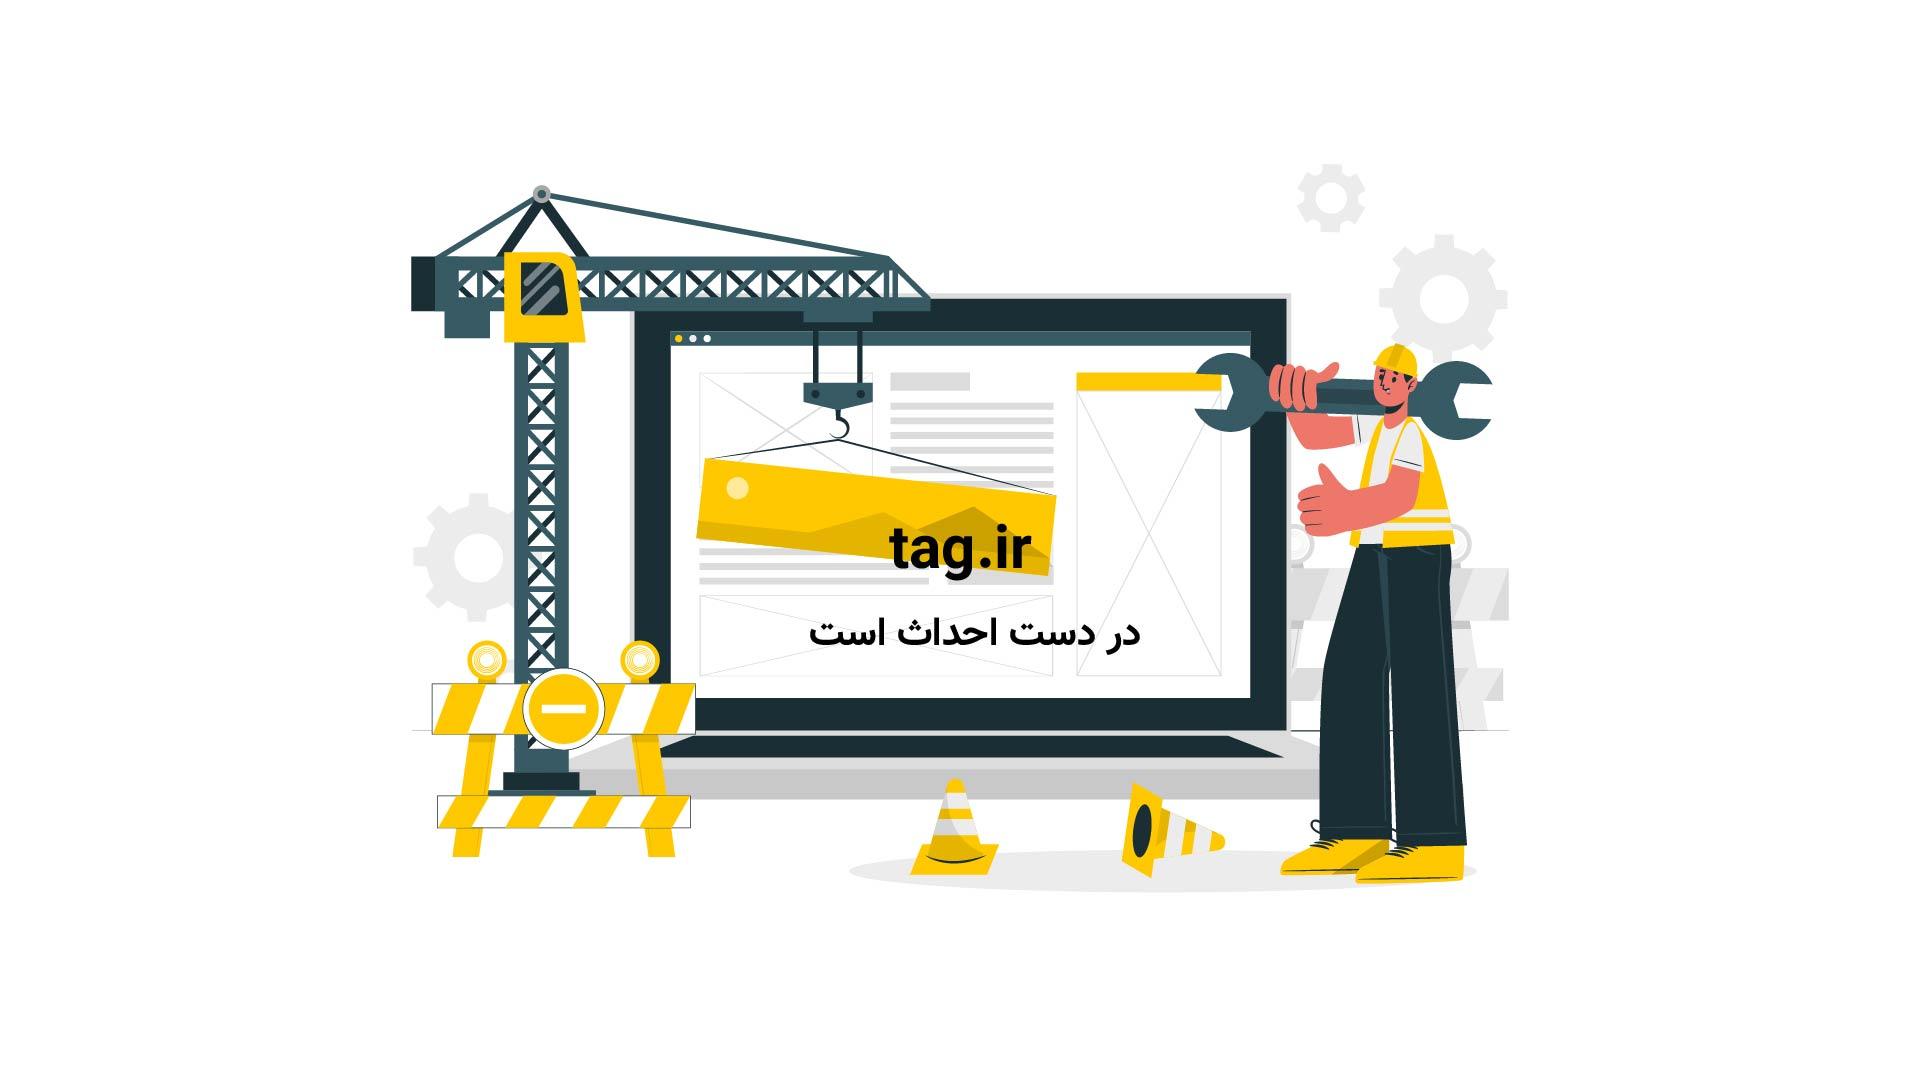 محمود کریمی | تگ